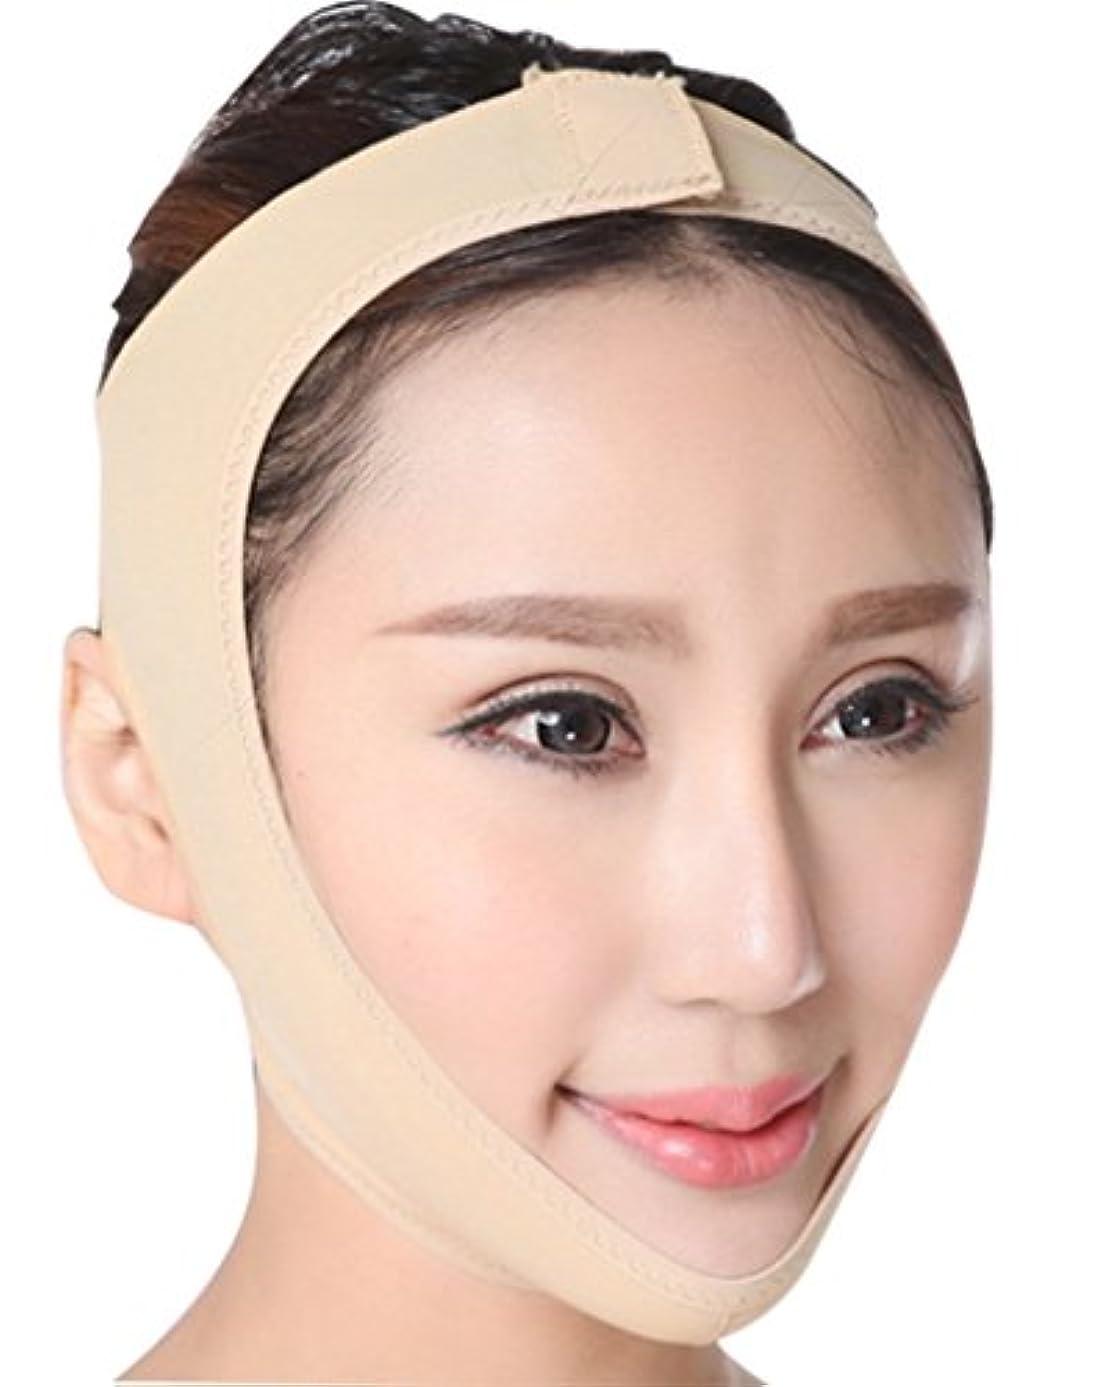 チャペル新着寄稿者フェイスラインベルト M/L/XLサイズ 抗シワ 額、顎下、頬リフトアップ 小顔 美顔 頬のたるみ 引き上げマスク XL